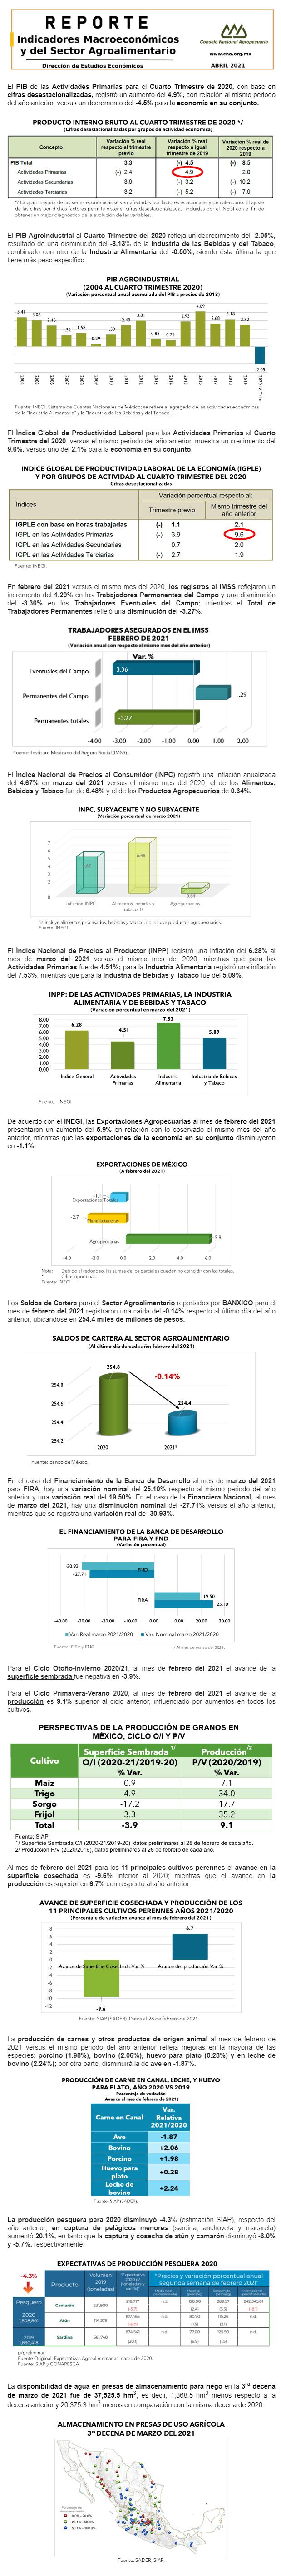 Reporte de Indicadores Macroeconómicos y del Sector Agroalimentario, Abril 2021